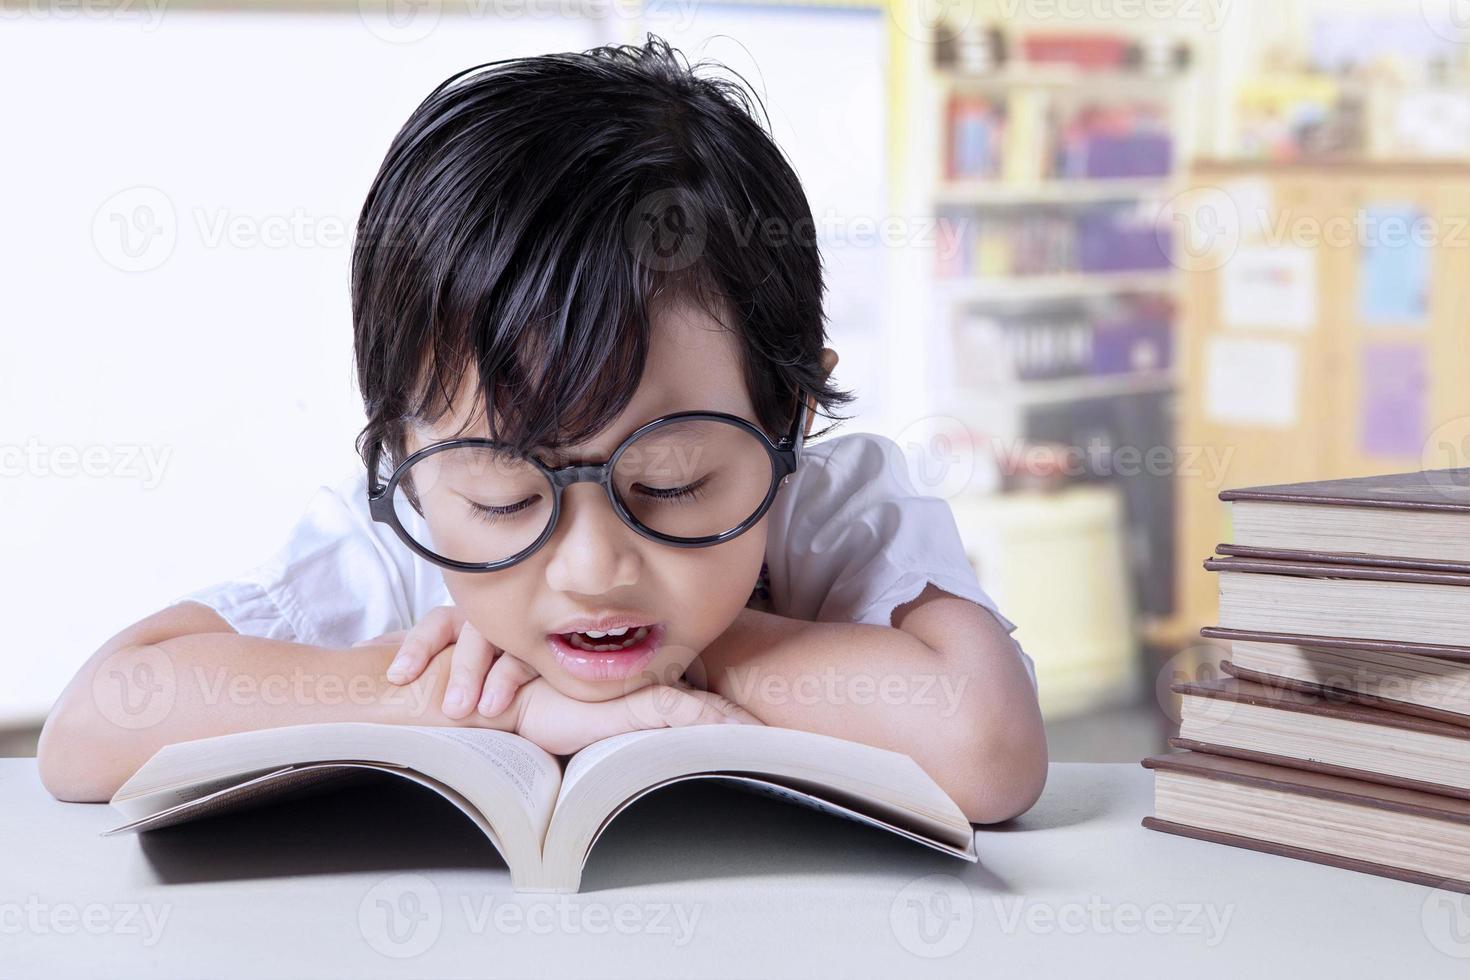 dagisstudent läser läroböcker foto